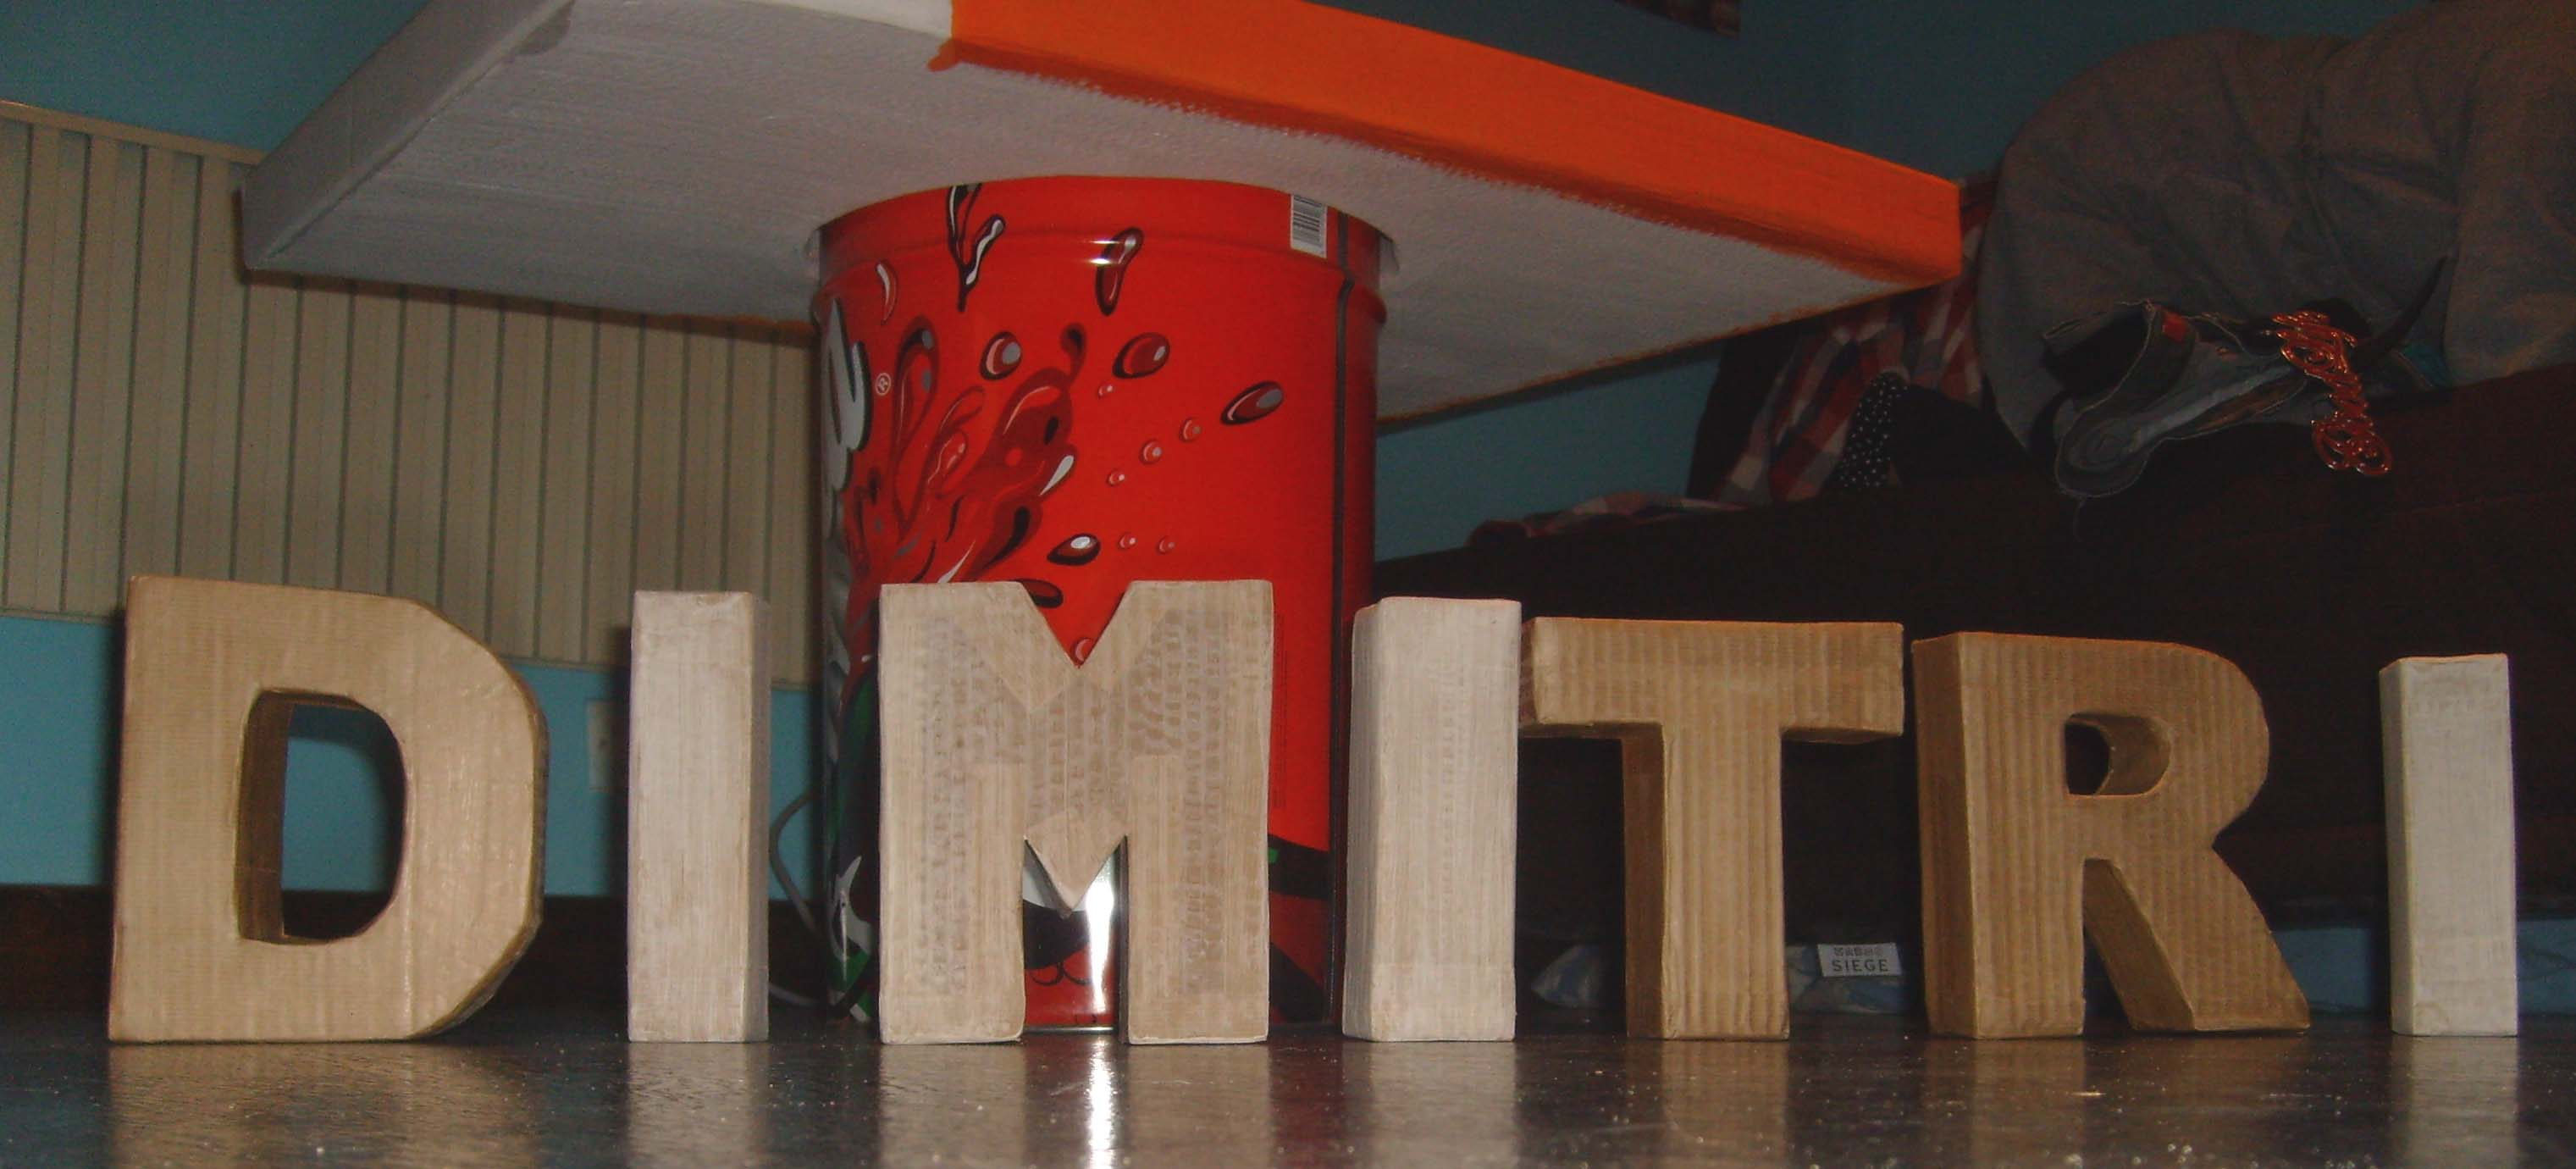 objets deco en carton atelier retouche paris. Black Bedroom Furniture Sets. Home Design Ideas